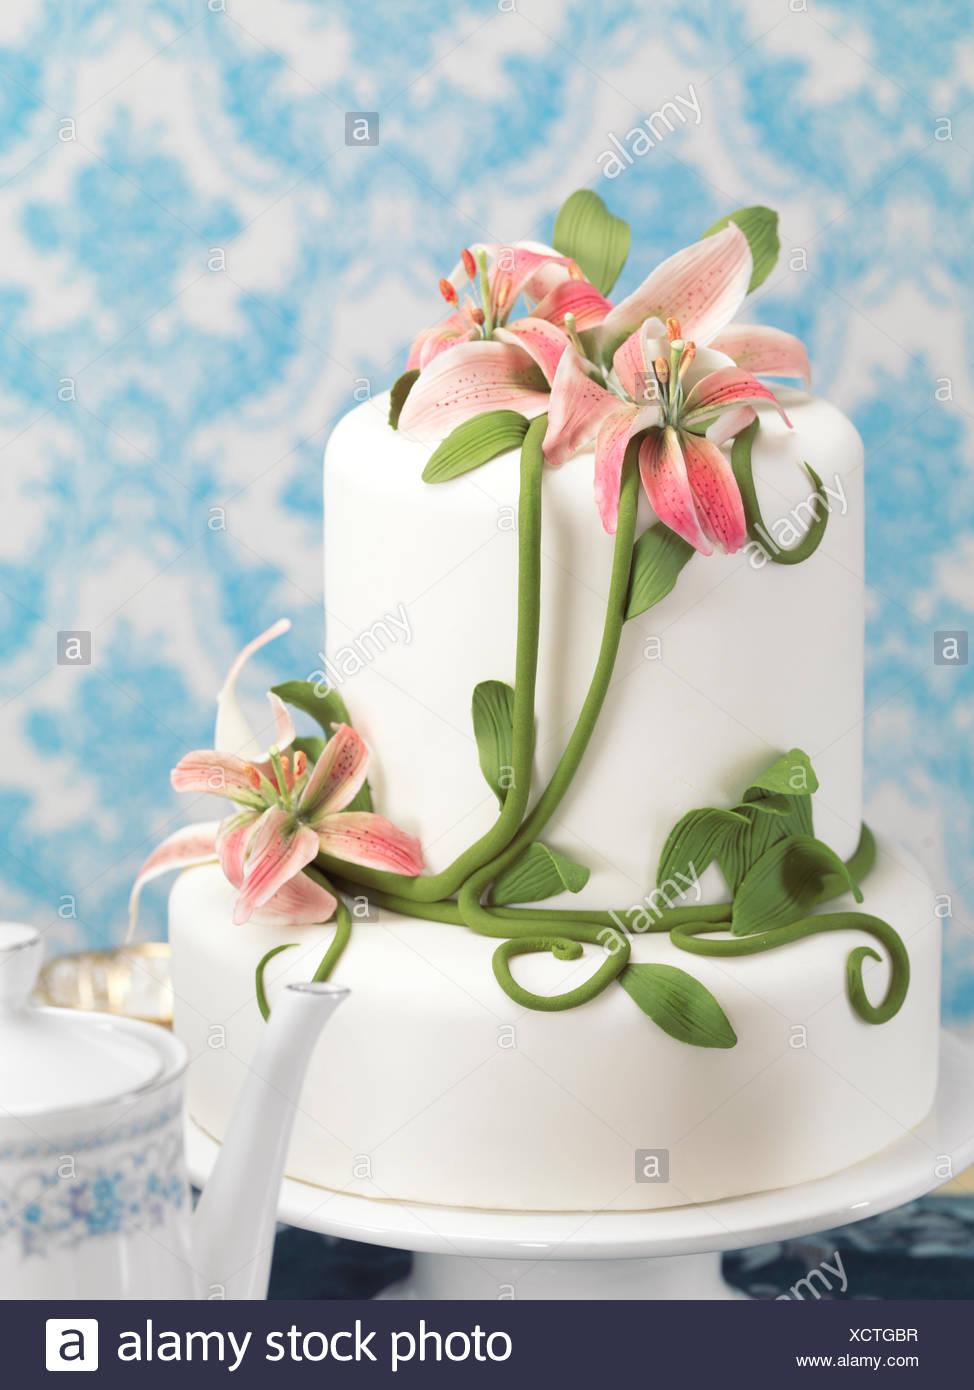 Gâteau décoré avec fantaisie lilies Photo Stock